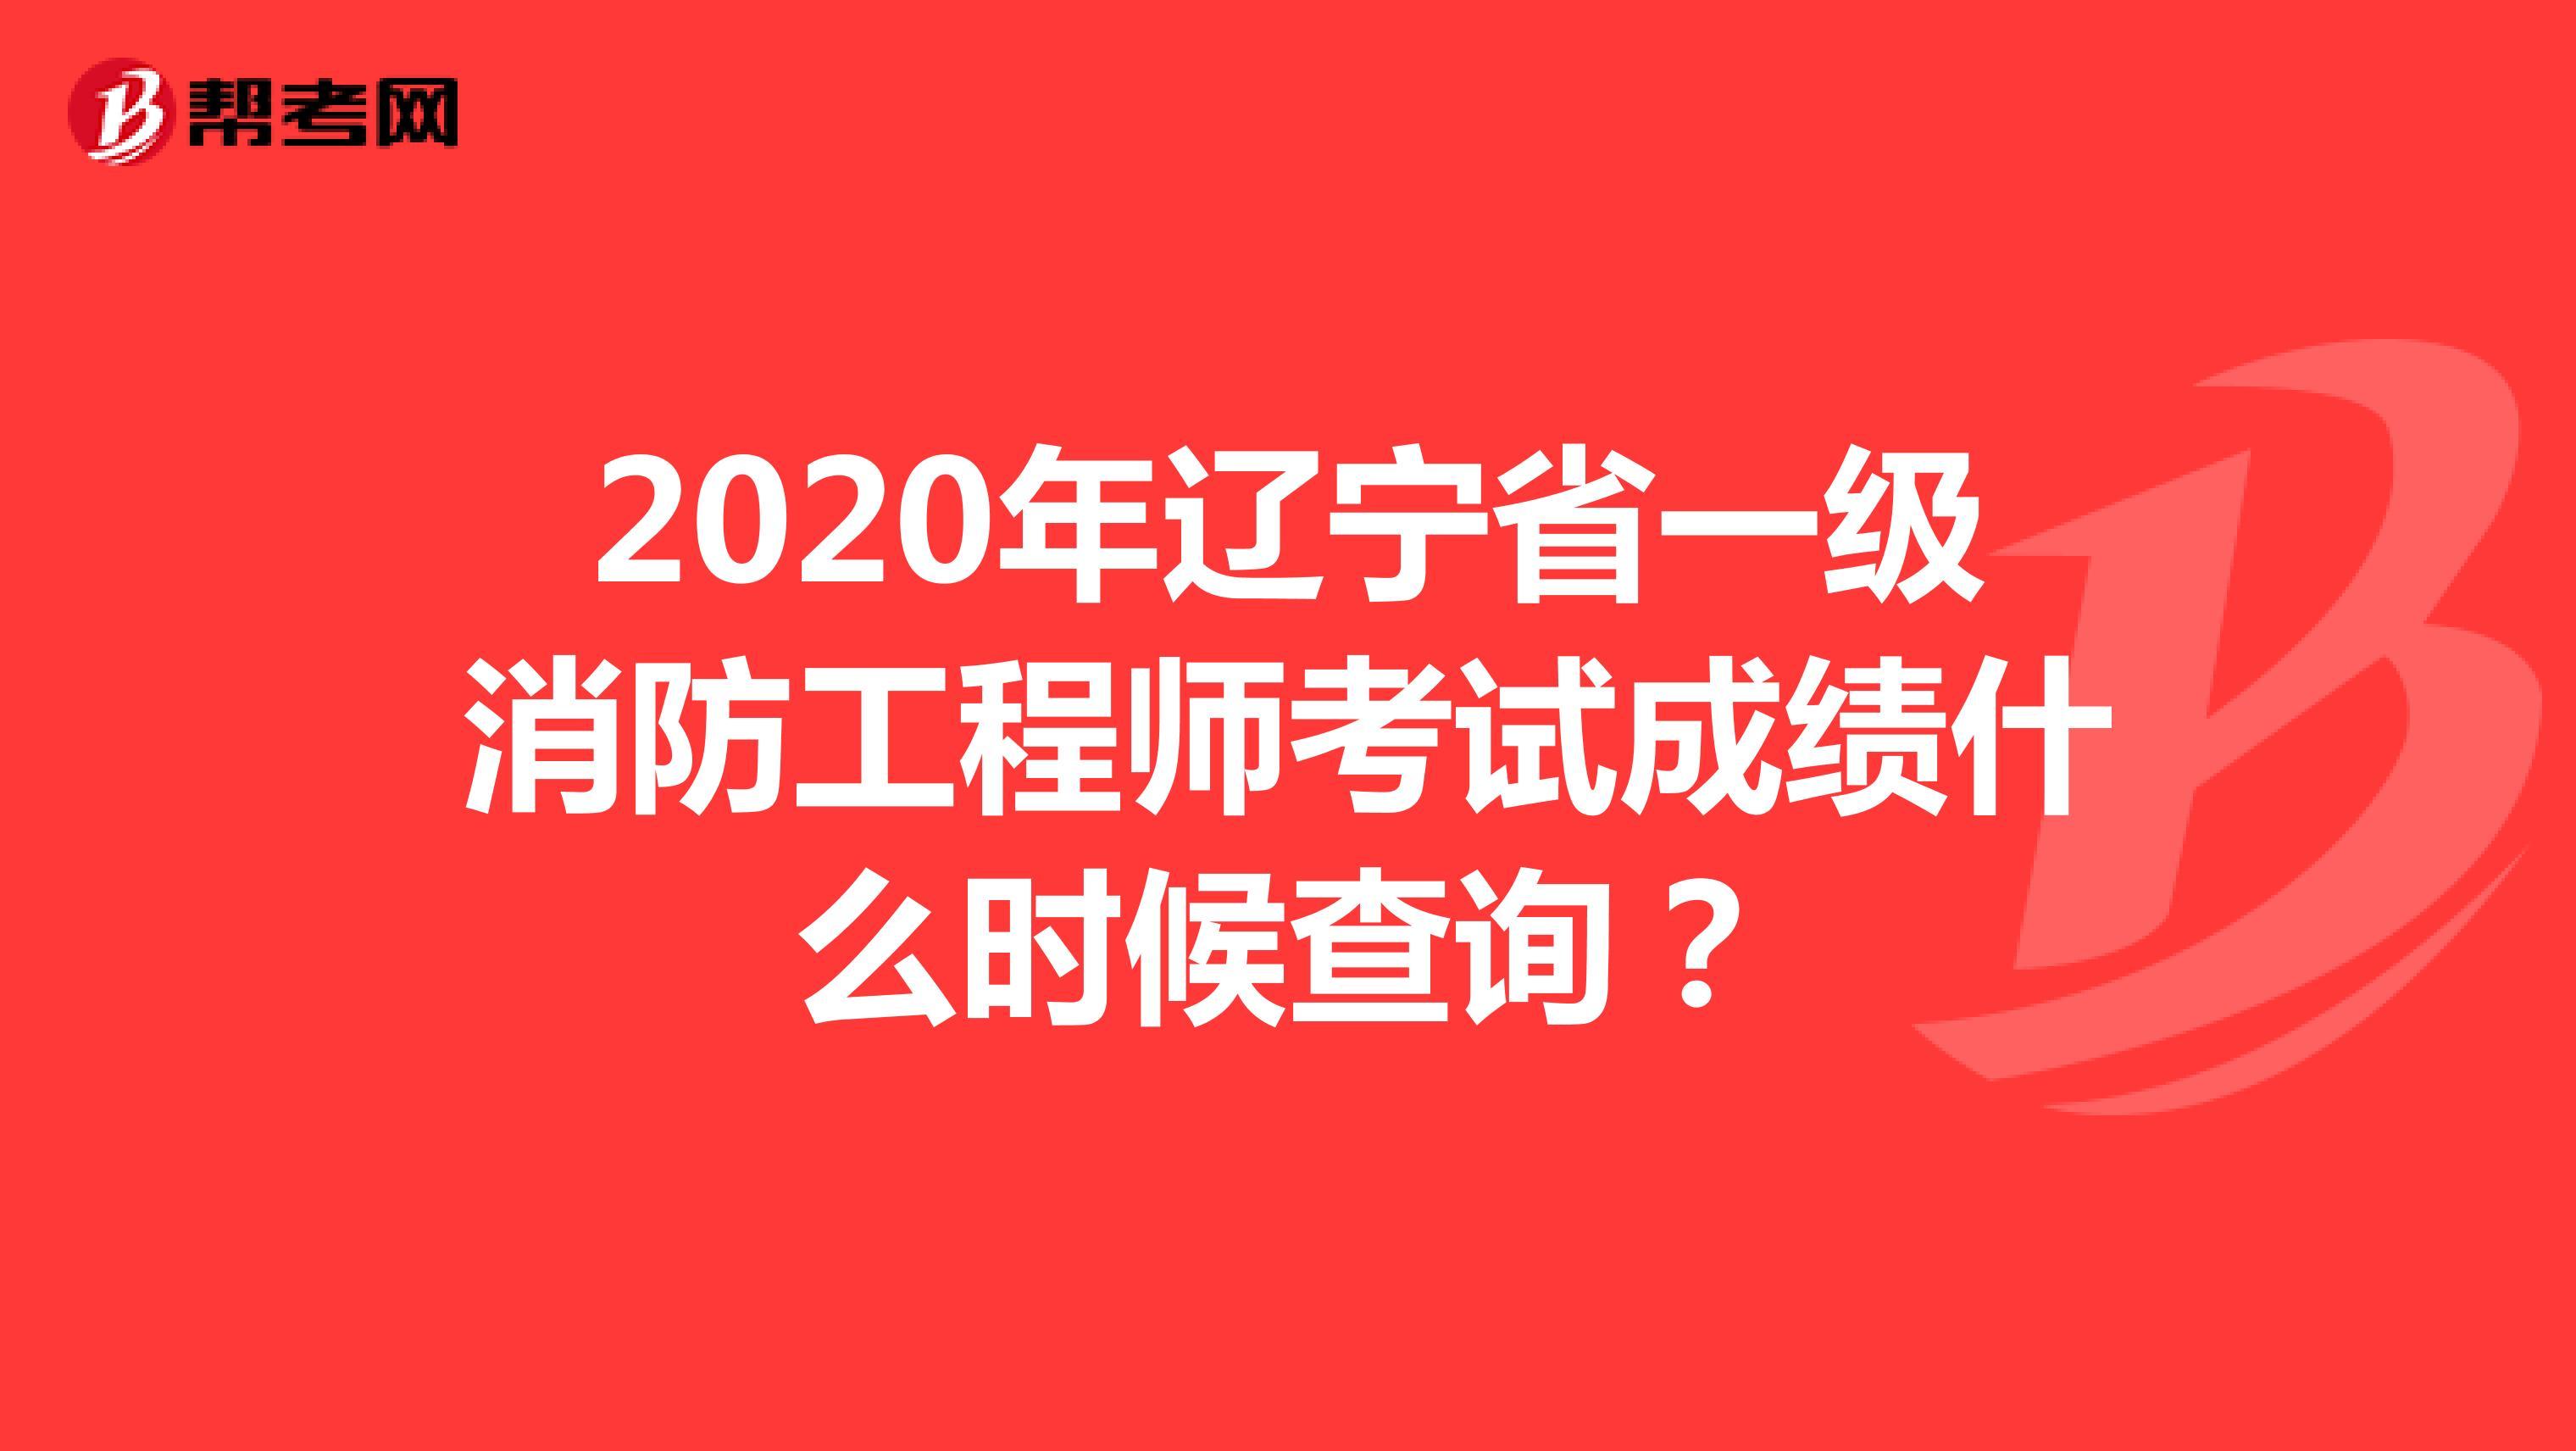 2020年辽宁省一级消防工程师考试成绩什么时候查询?